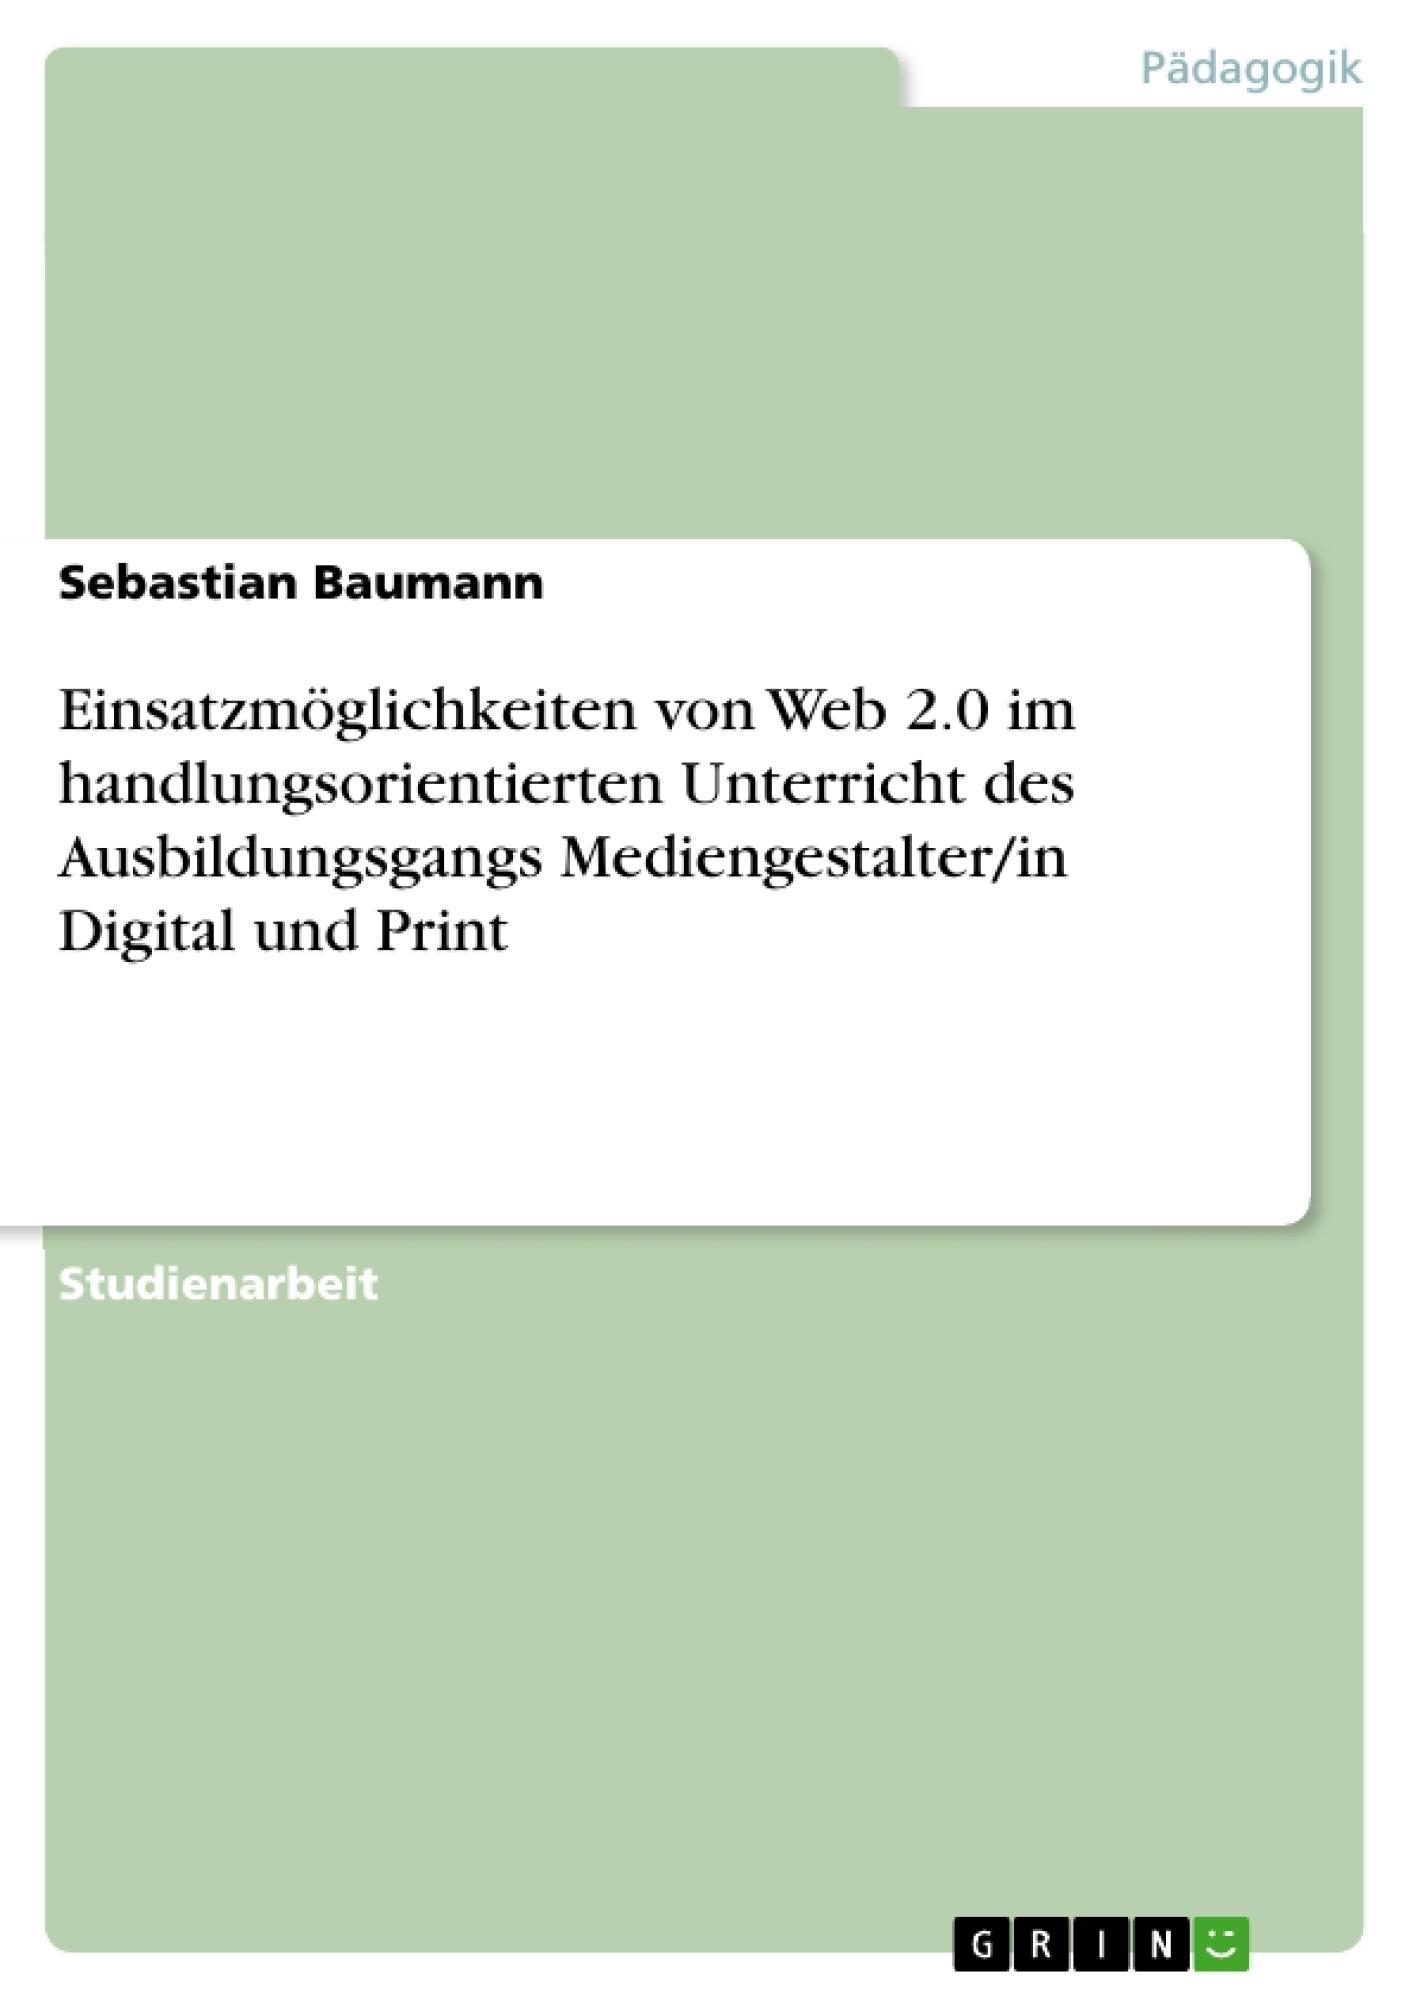 Titel: Einsatzmöglichkeiten von Web 2.0 im handlungsorientierten Unterricht des Ausbildungsgangs Mediengestalter/in Digital und Print